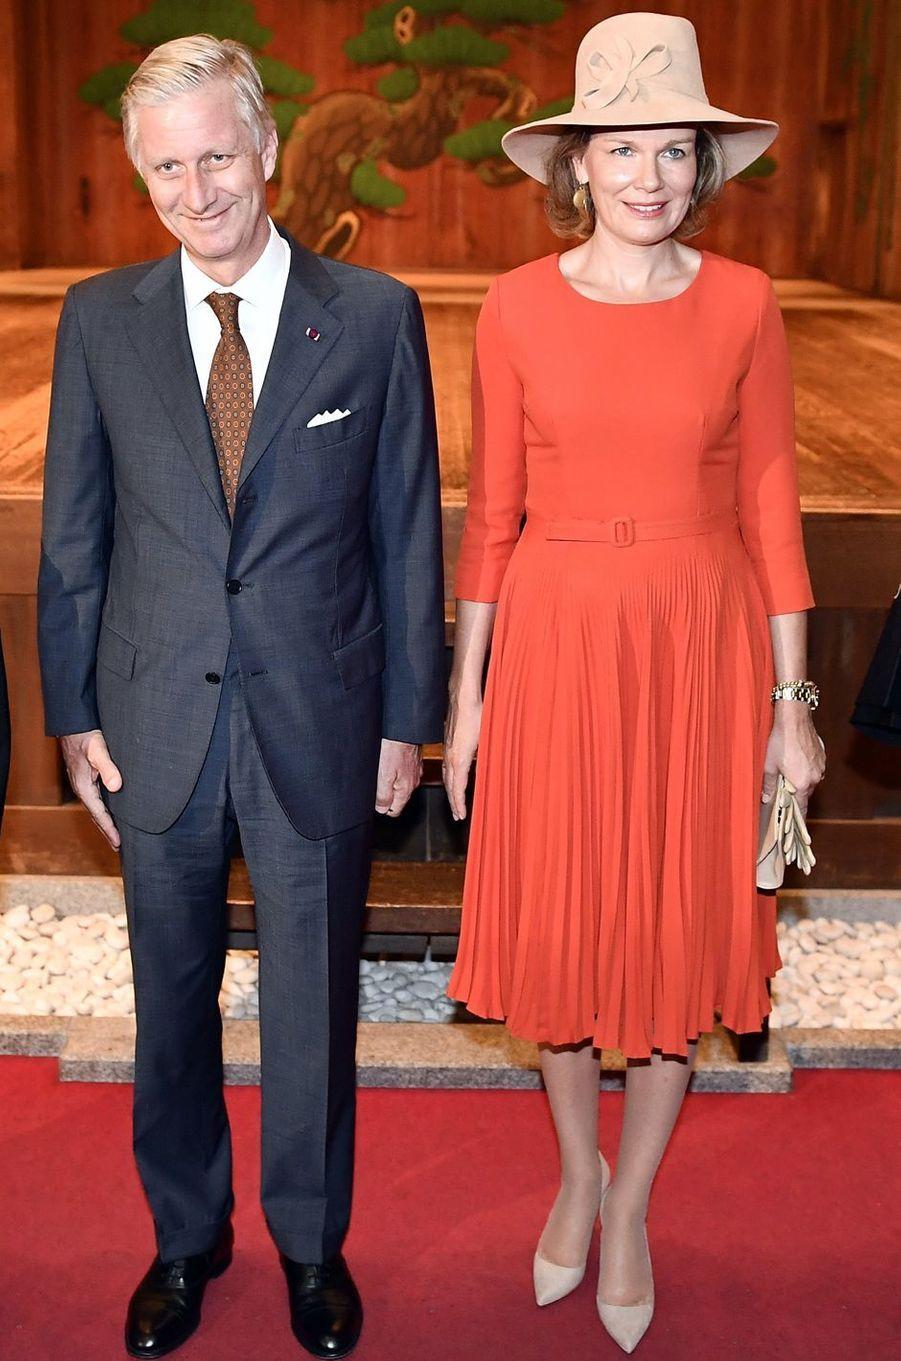 La reine Mathilde de Belgique au Japon, le 14 octobre 2016